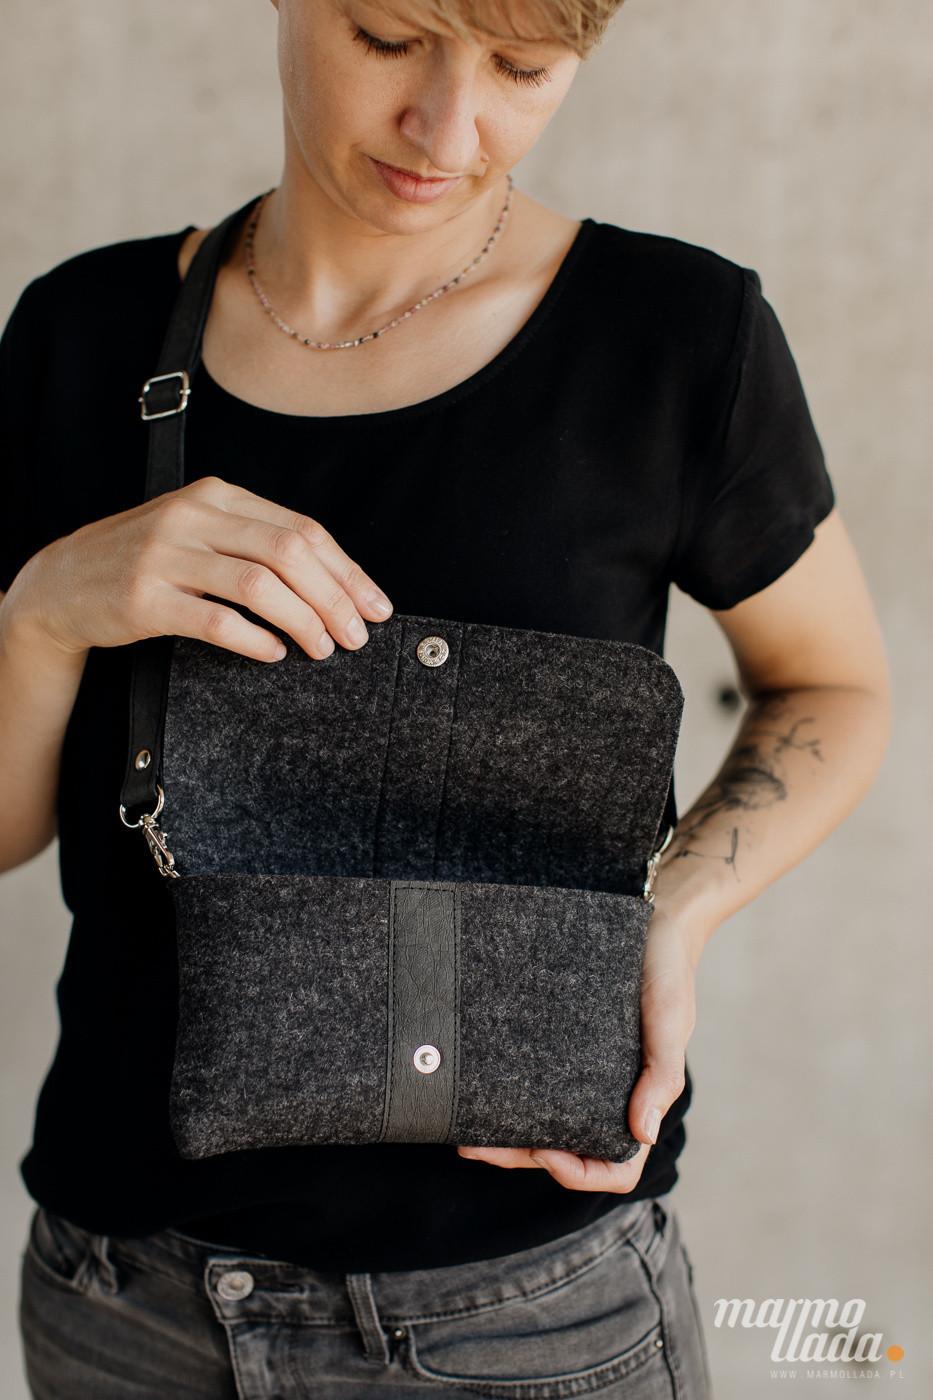 marmollada - torebka filcowa mała GRAFITOWY MELANŻ z czarnymi dodatkami - Marmollada